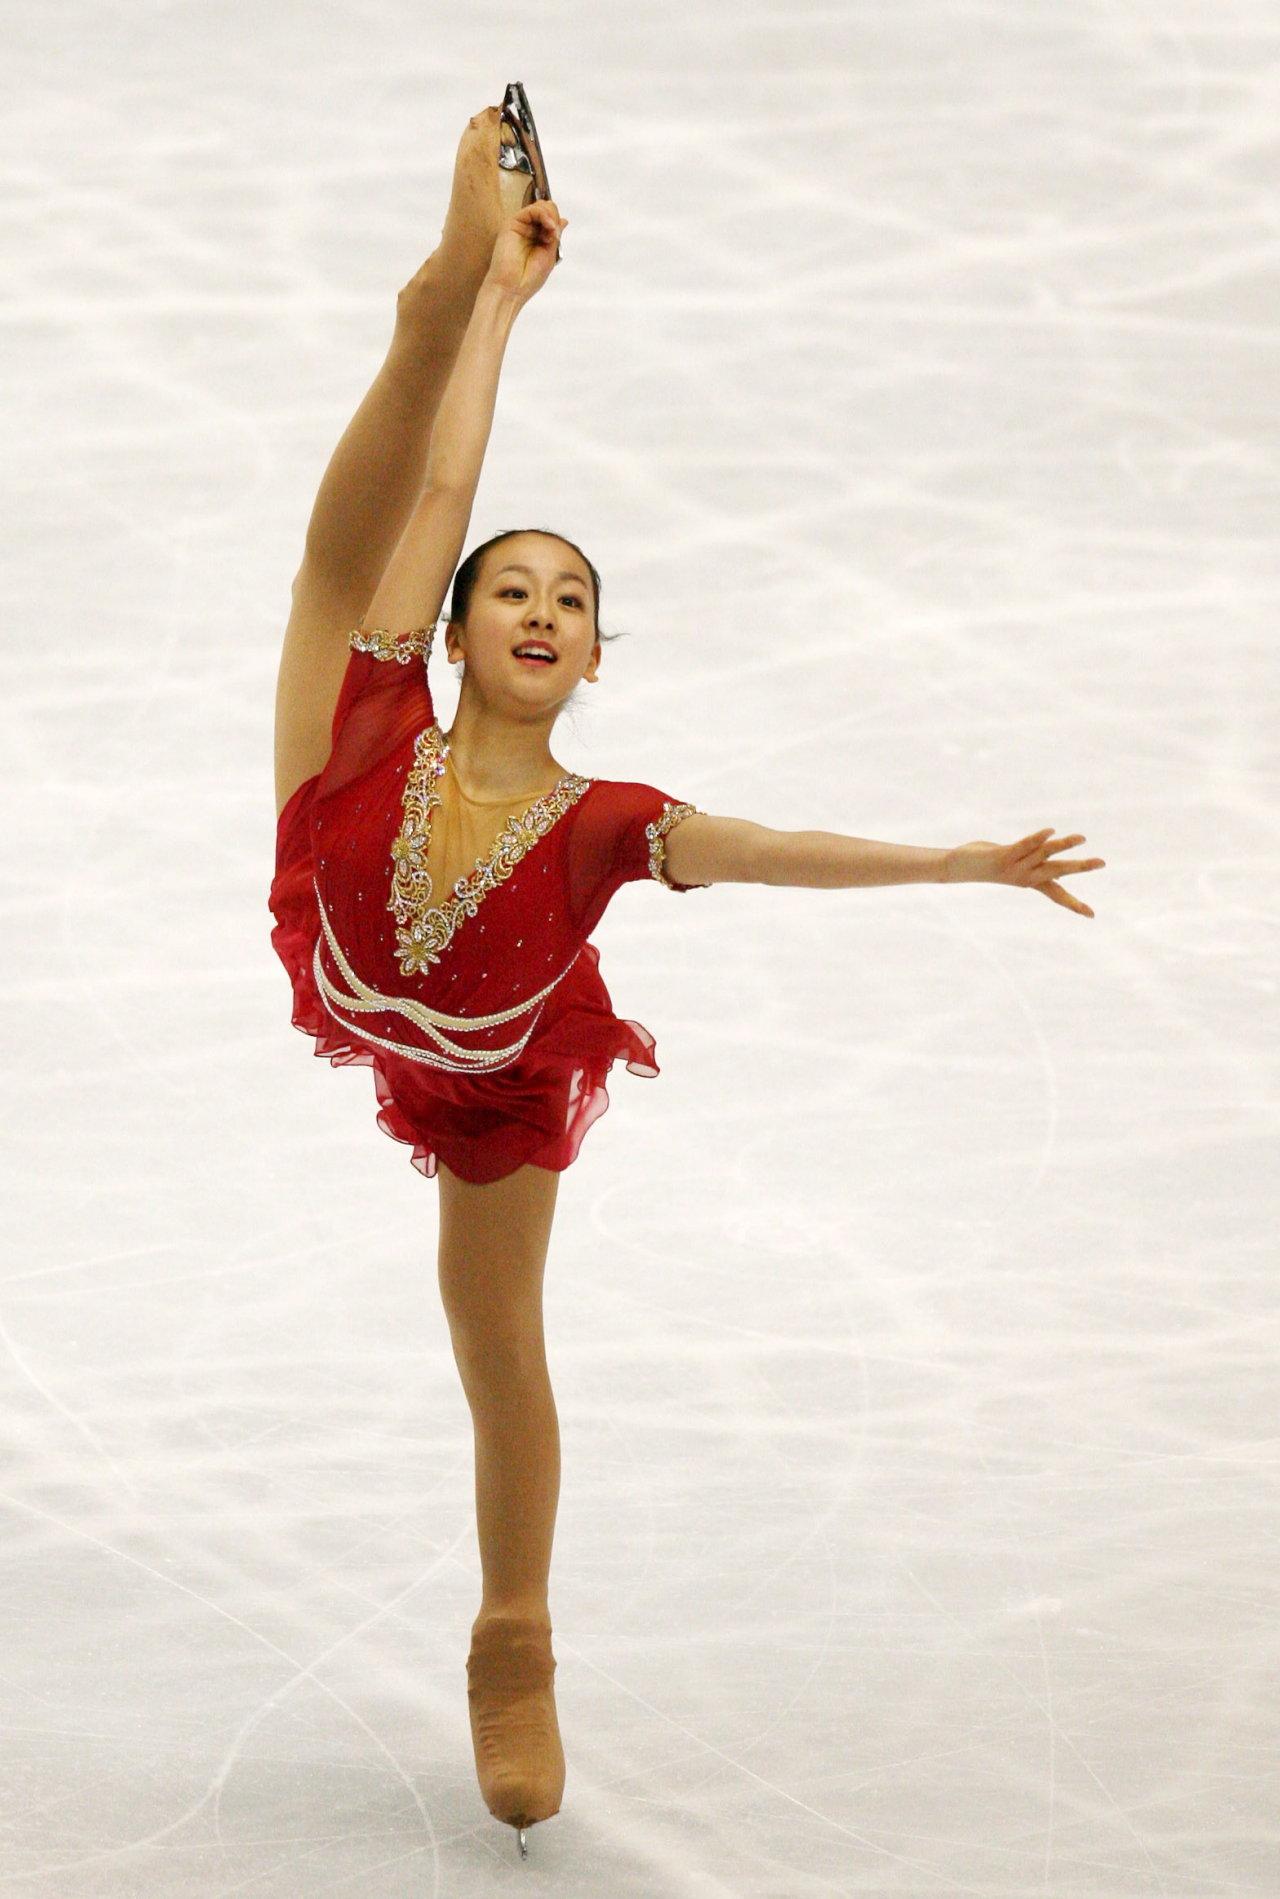 mao-asada-csardas-2006-triple-axel-jumper-figure-skating21.jpg